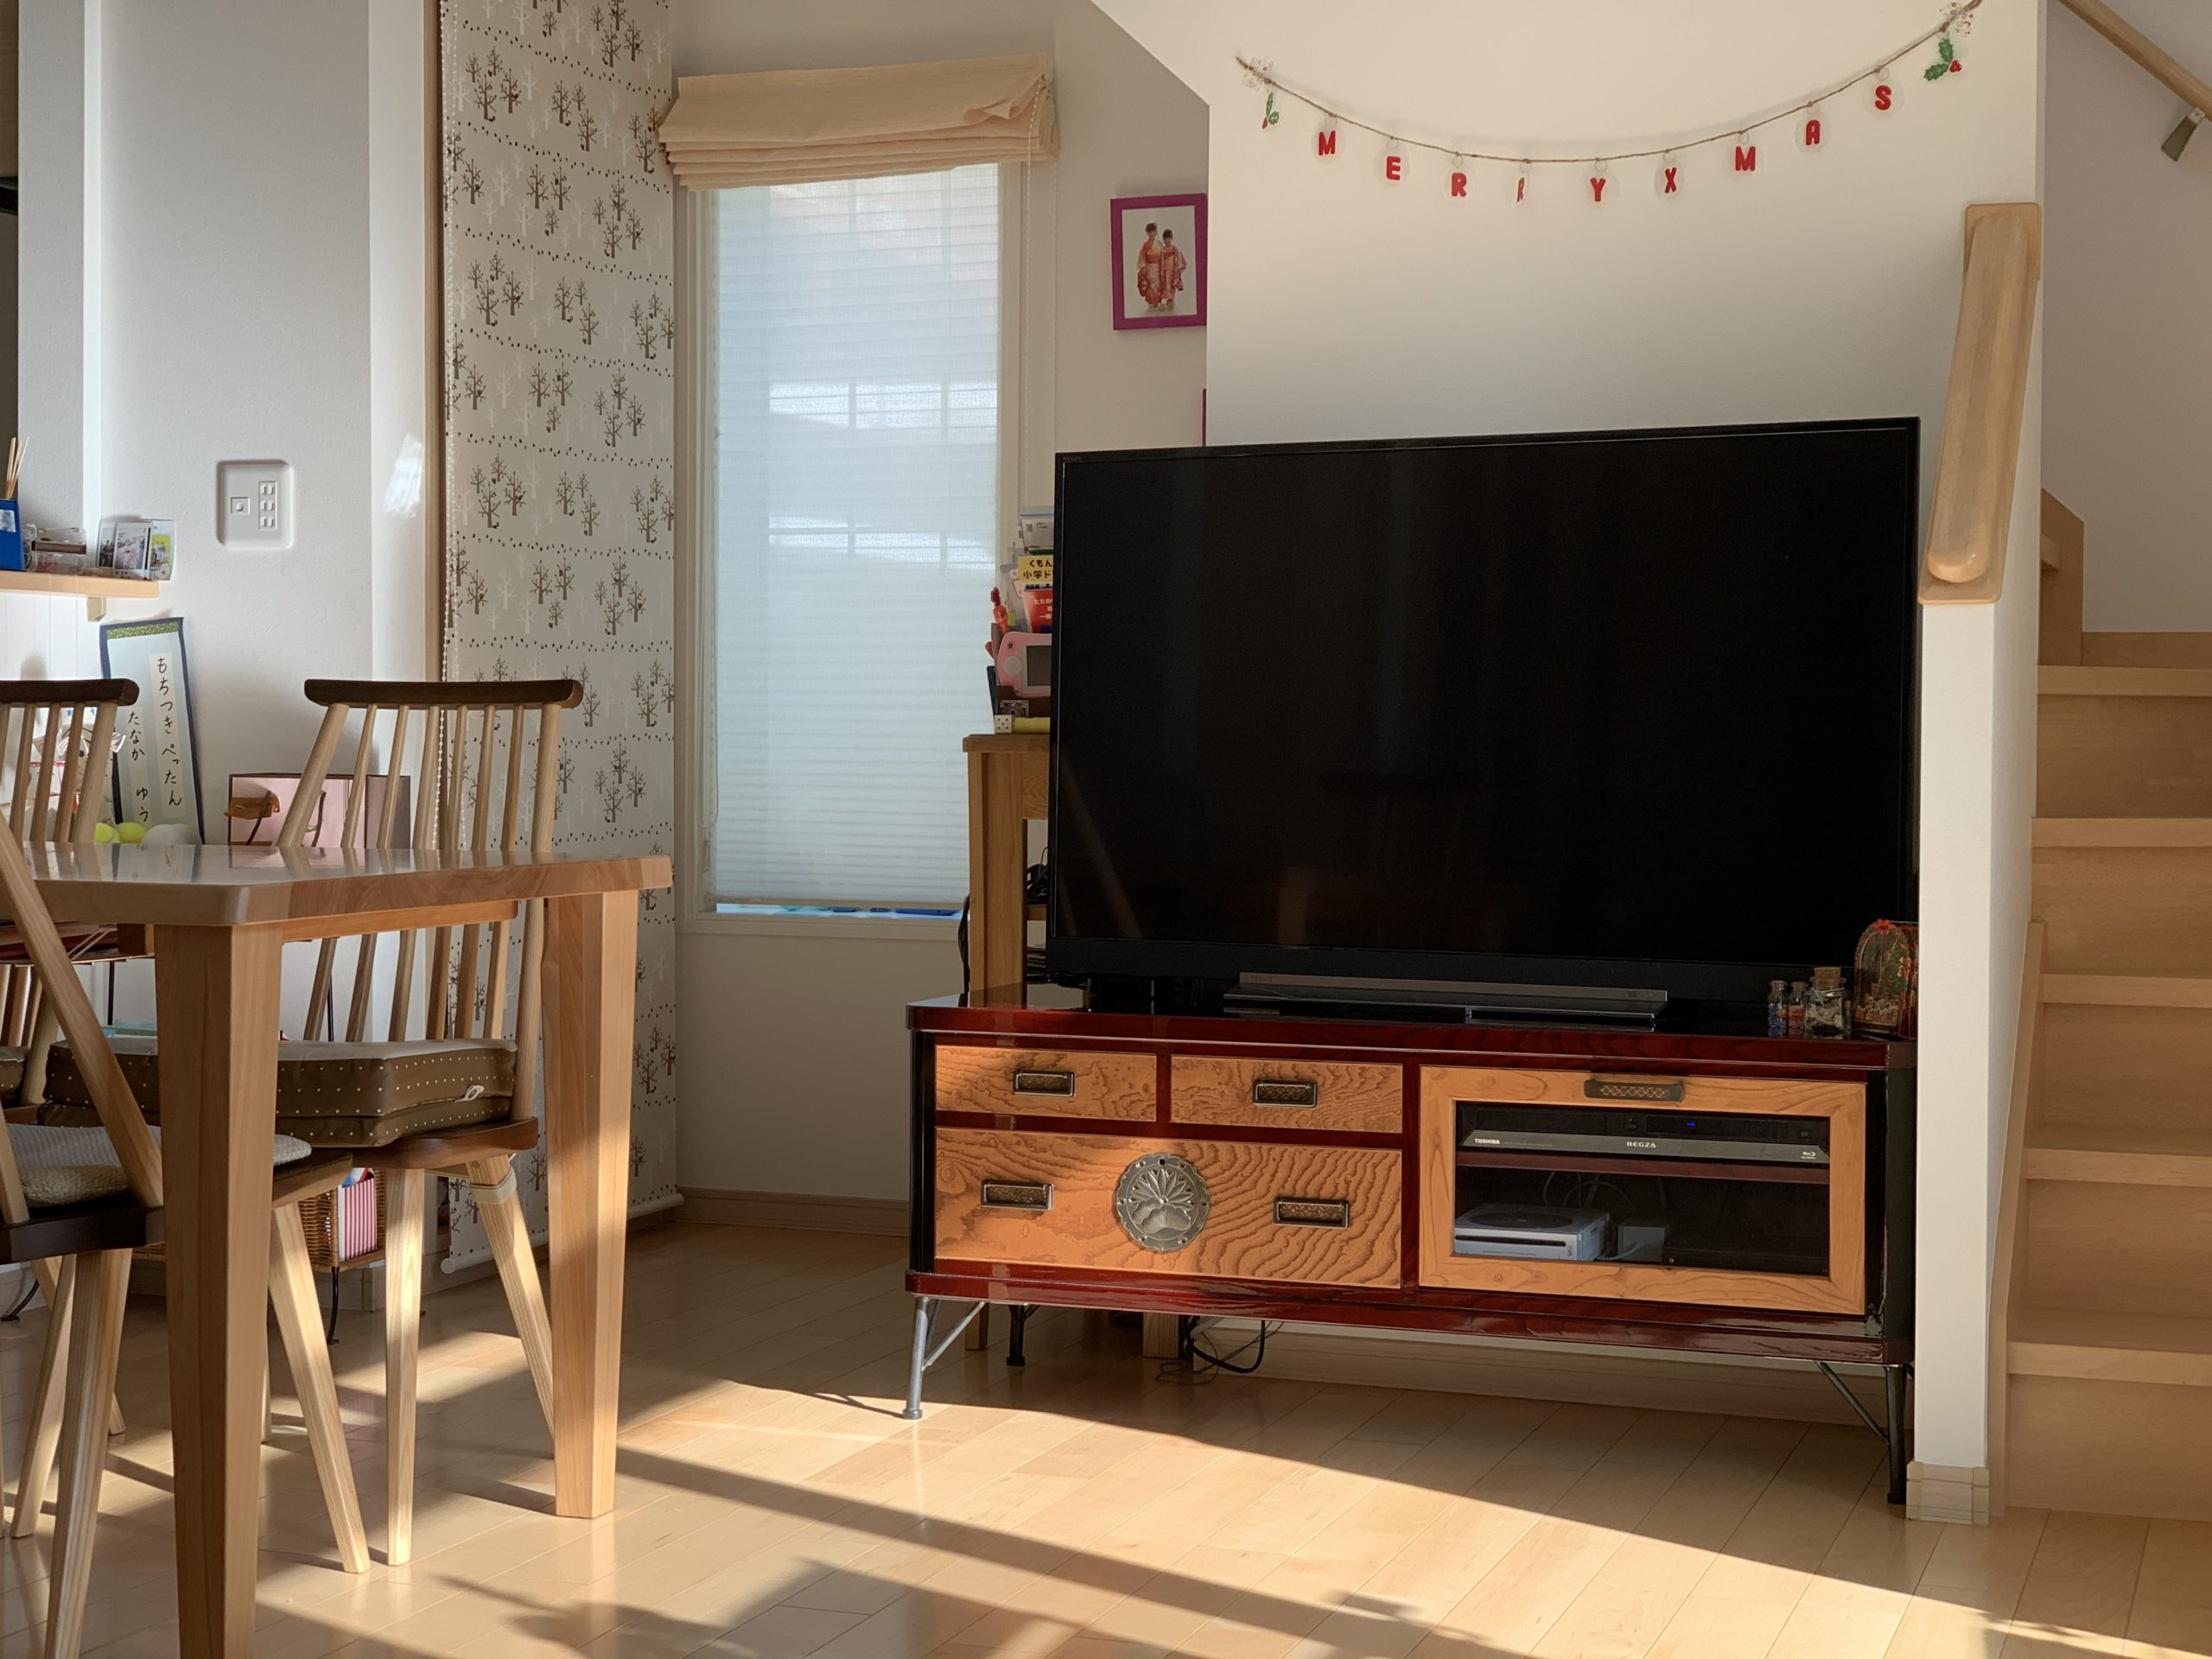 二本松伝統家具 欅ModernStyle テレビボード120